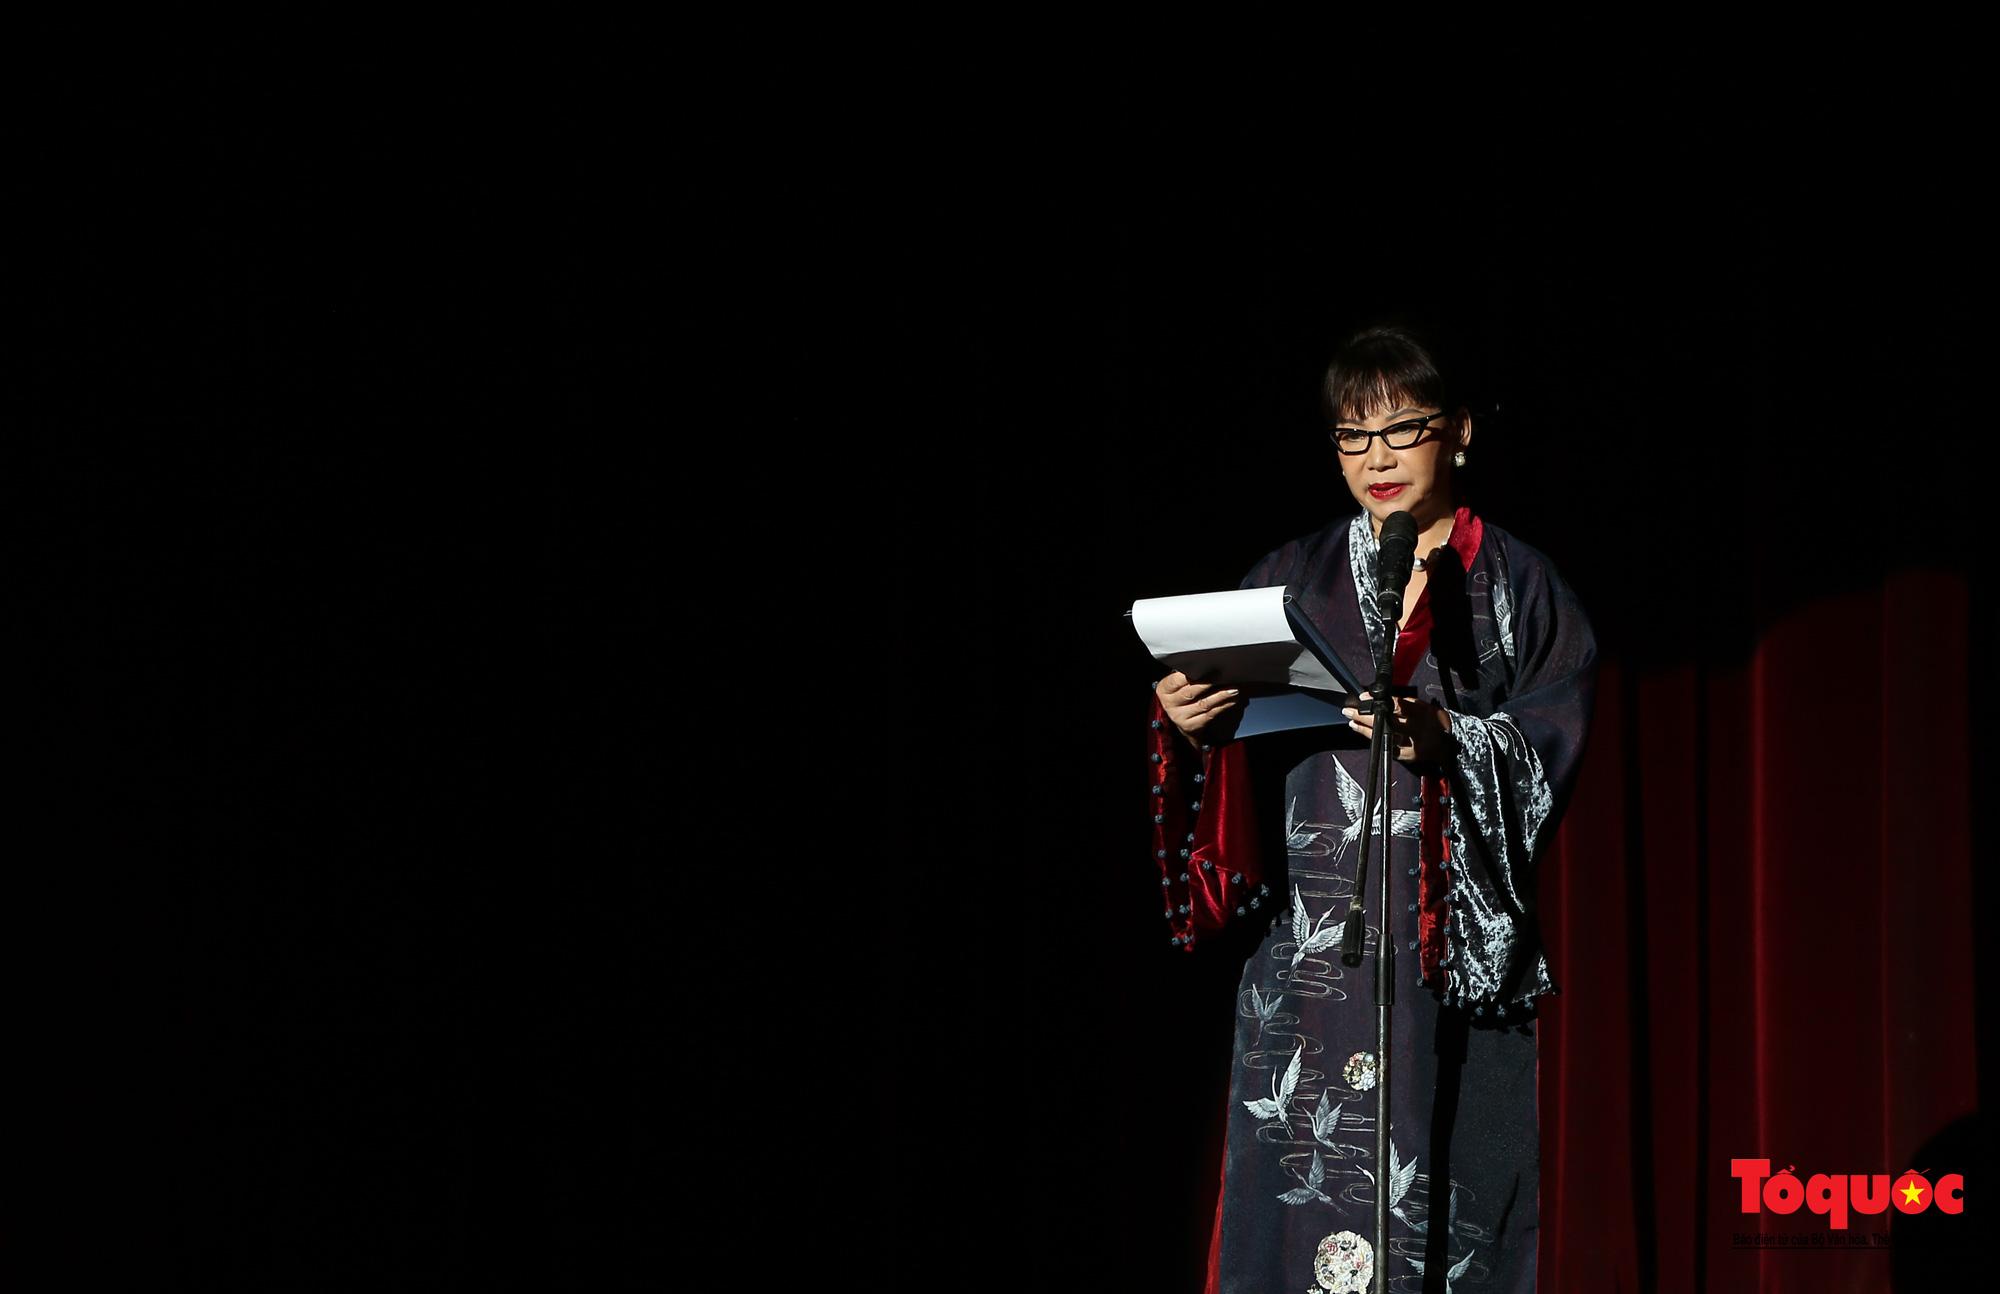 Nhiều cung bậc cảm xúc trong đêm nhạc 'Biển nhớ' tưởng nhớ cố nhạc sĩ Trịnh Công Sơn - Ảnh 5.